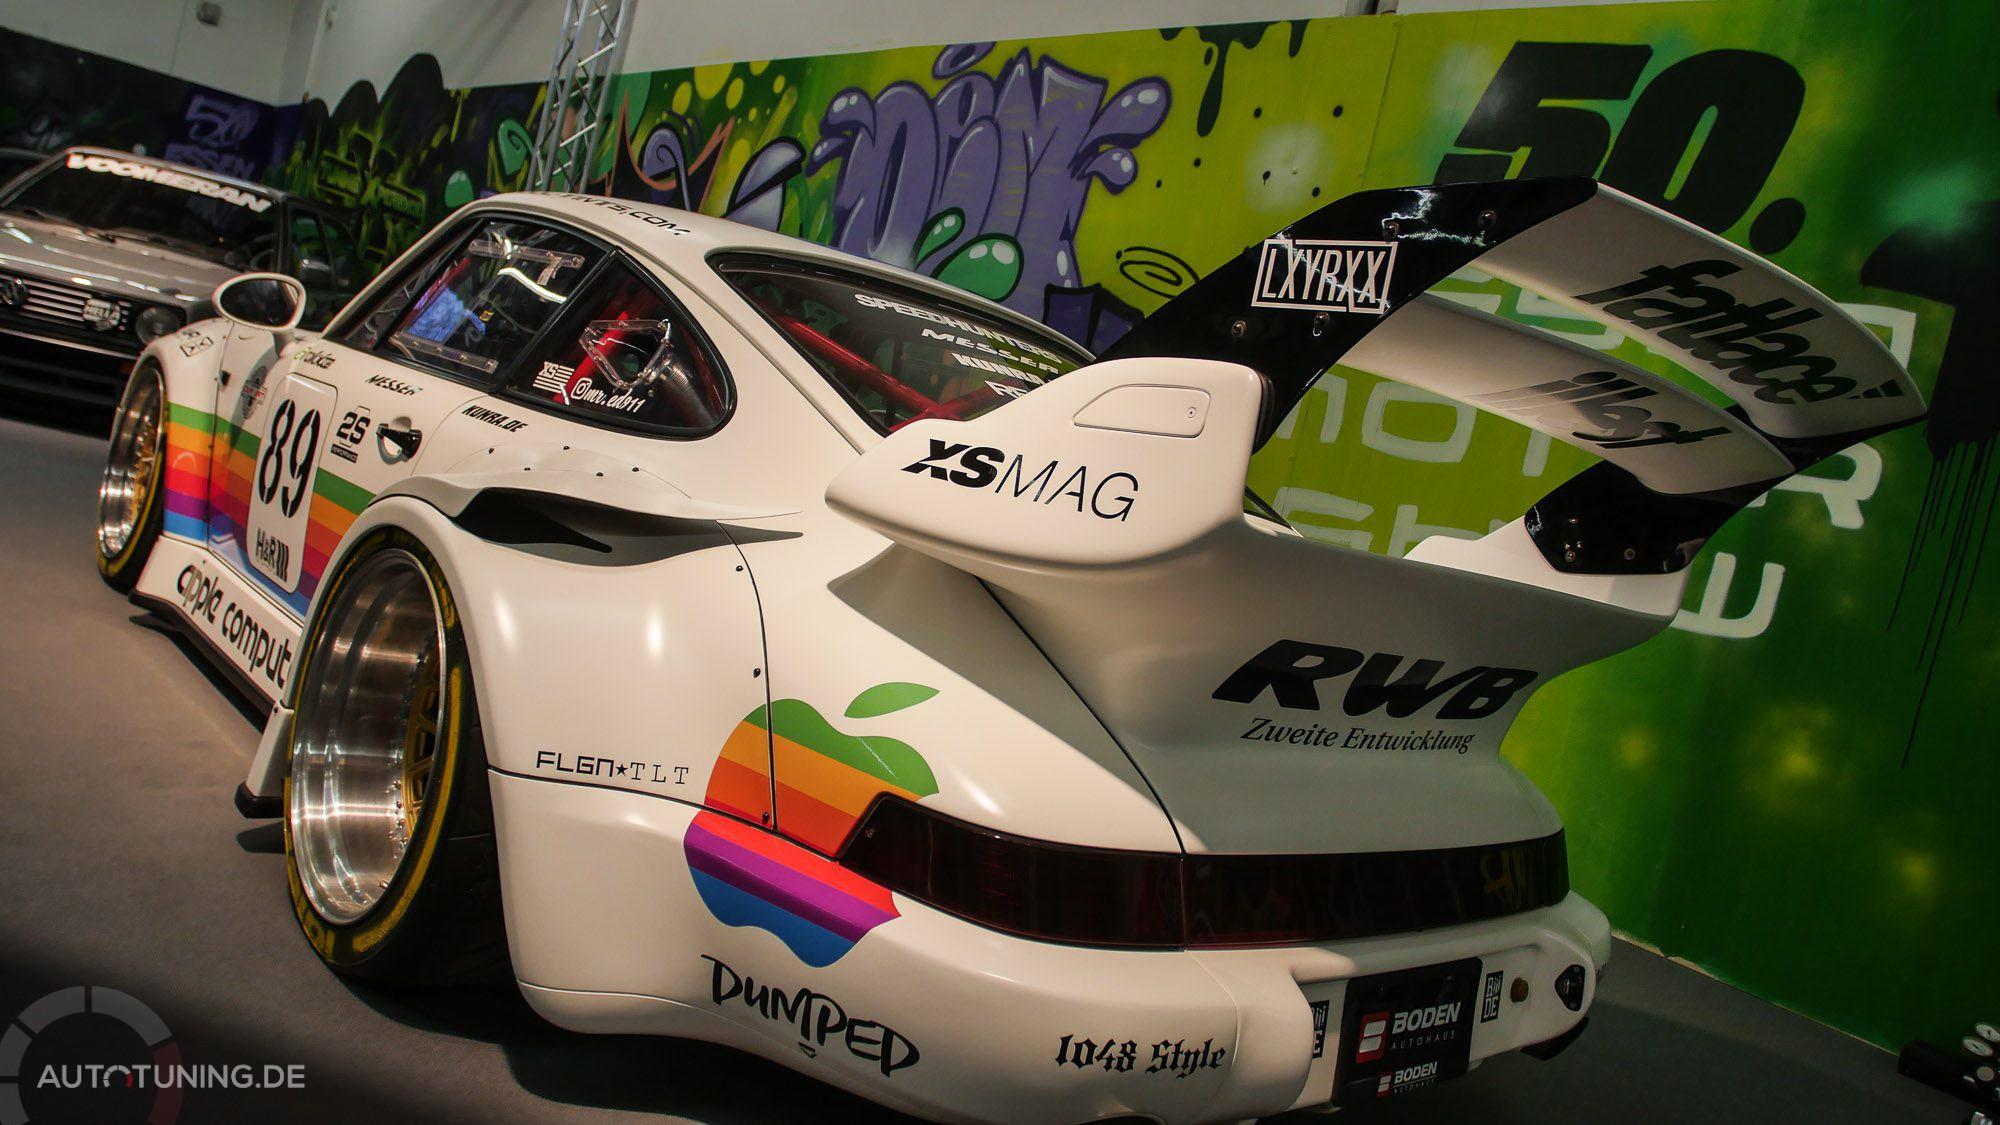 Fahrzeug in weiß-matter Optik mit farbiger Apple-Werbung